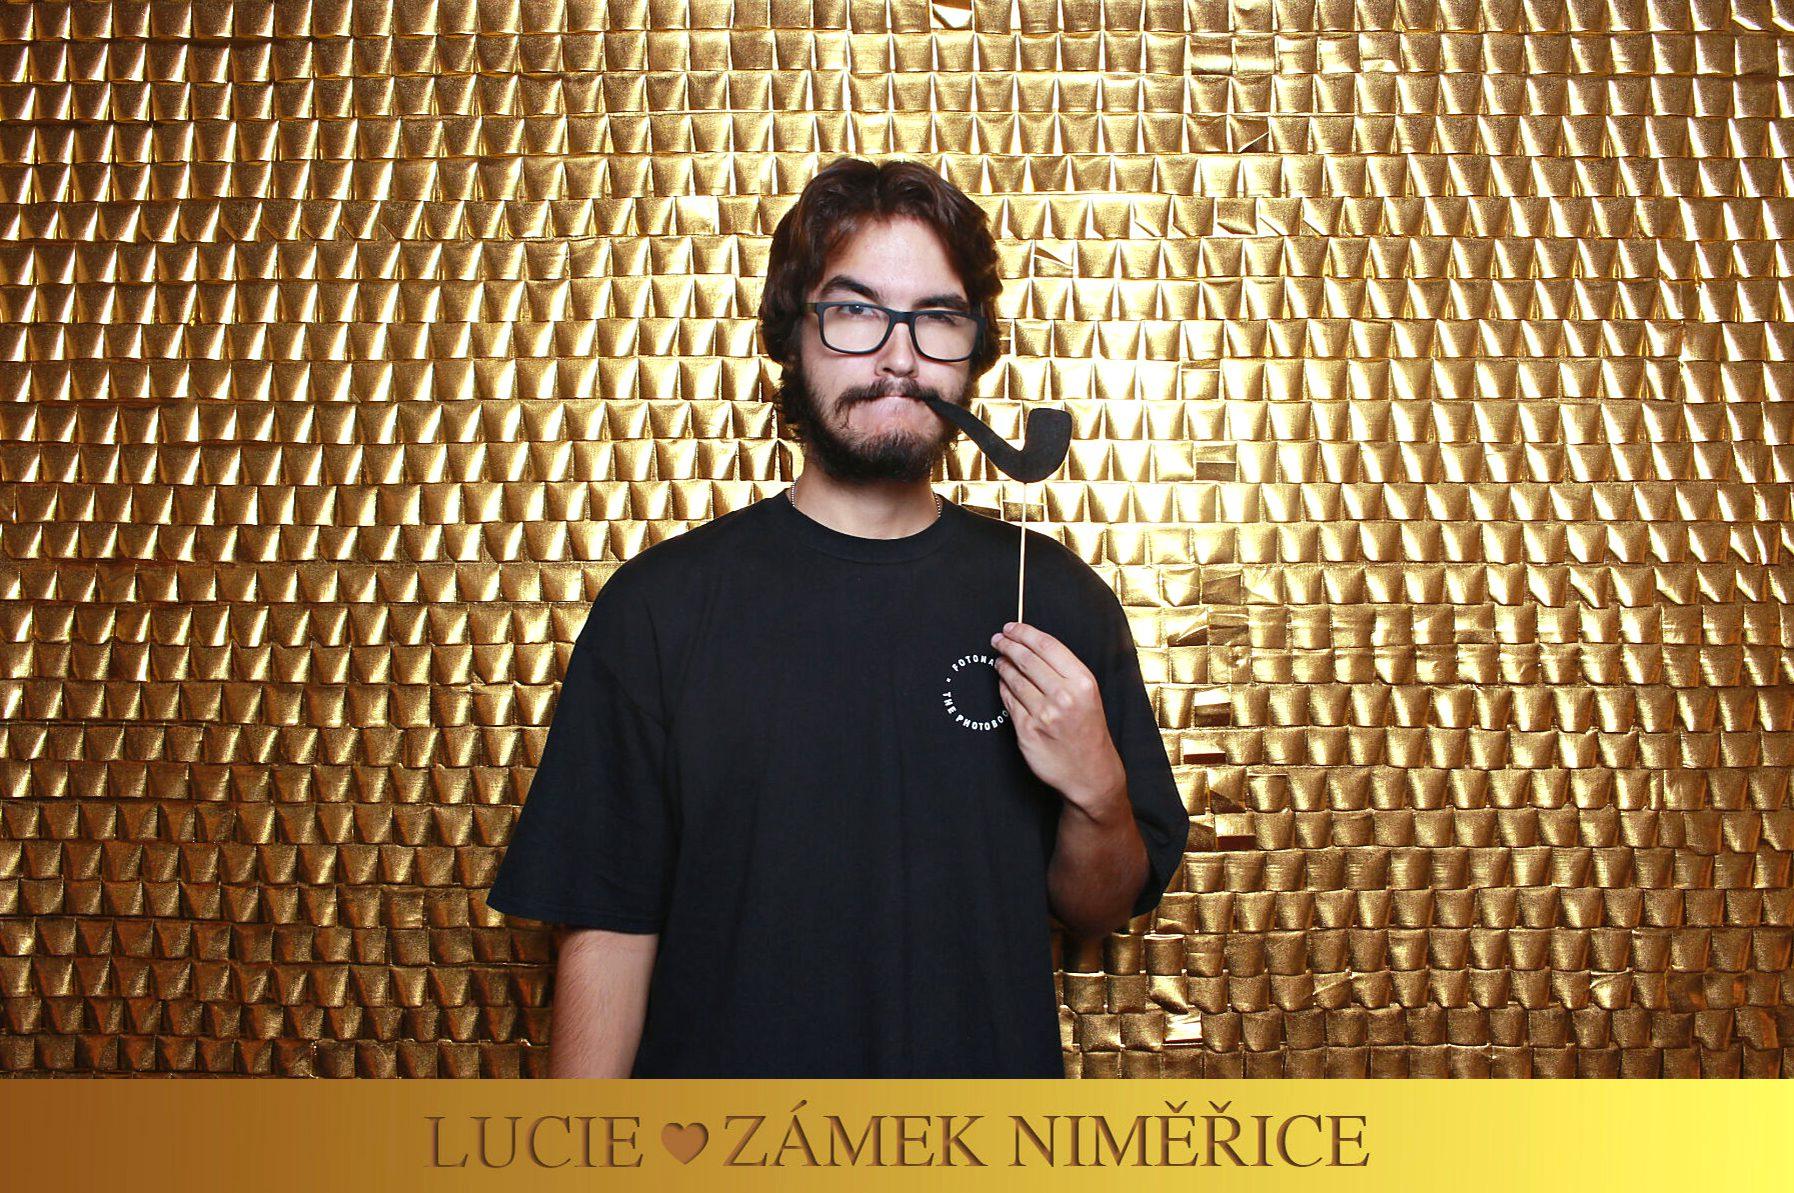 fotokoutek-oslava-lucie-zamek-nimerice-8-10-2021-756636